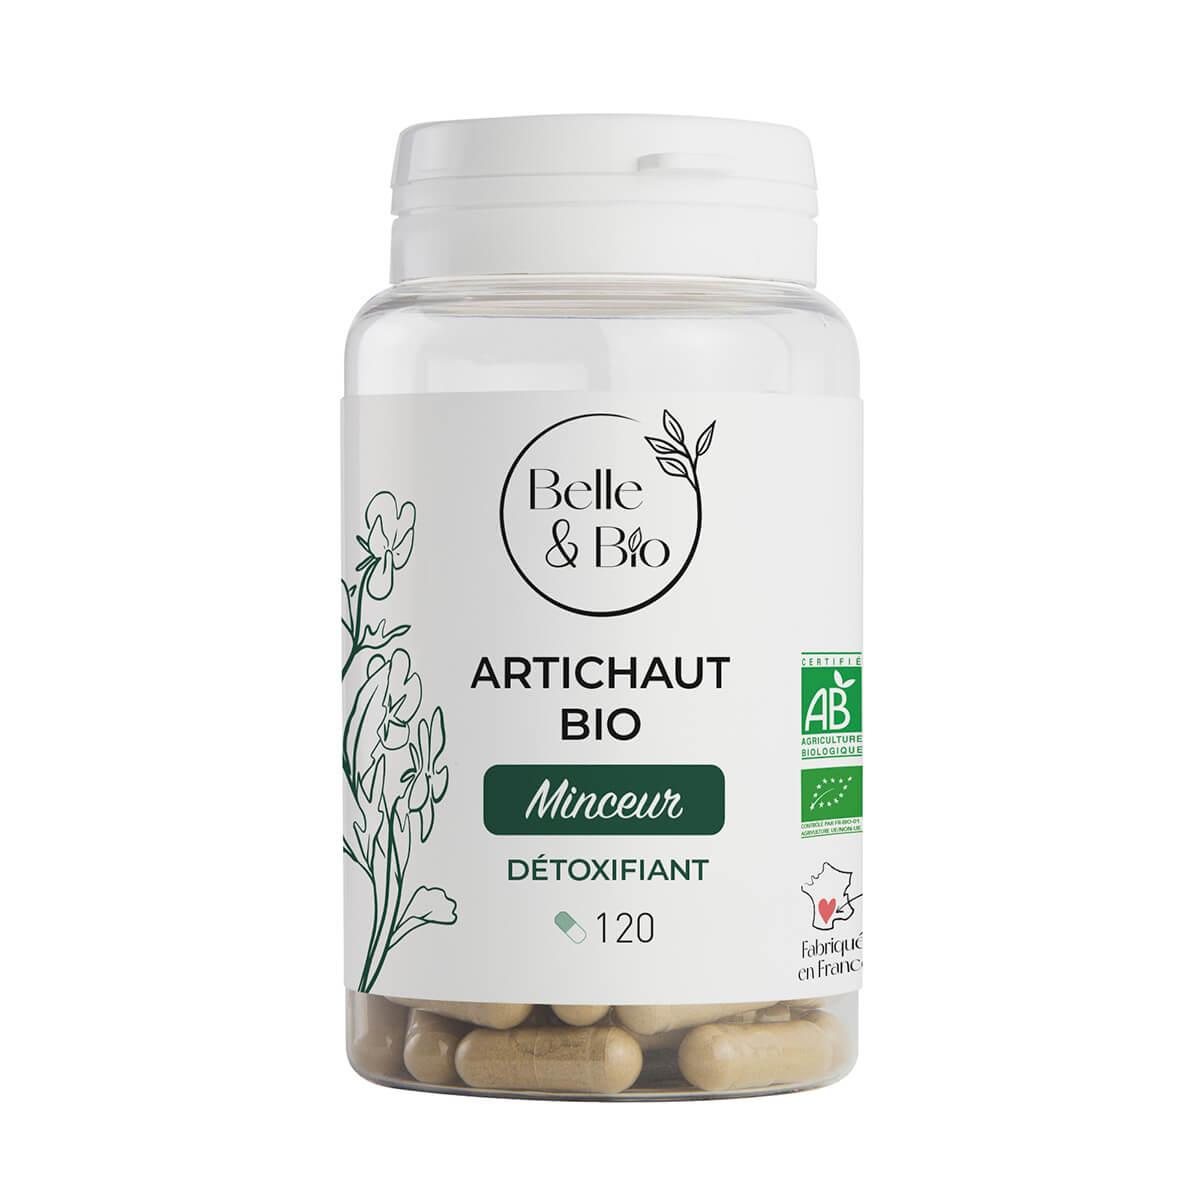 Belle & Bio - Artichaut Bio - Minceur -120 Gelules - Certifie AB par Ecocert